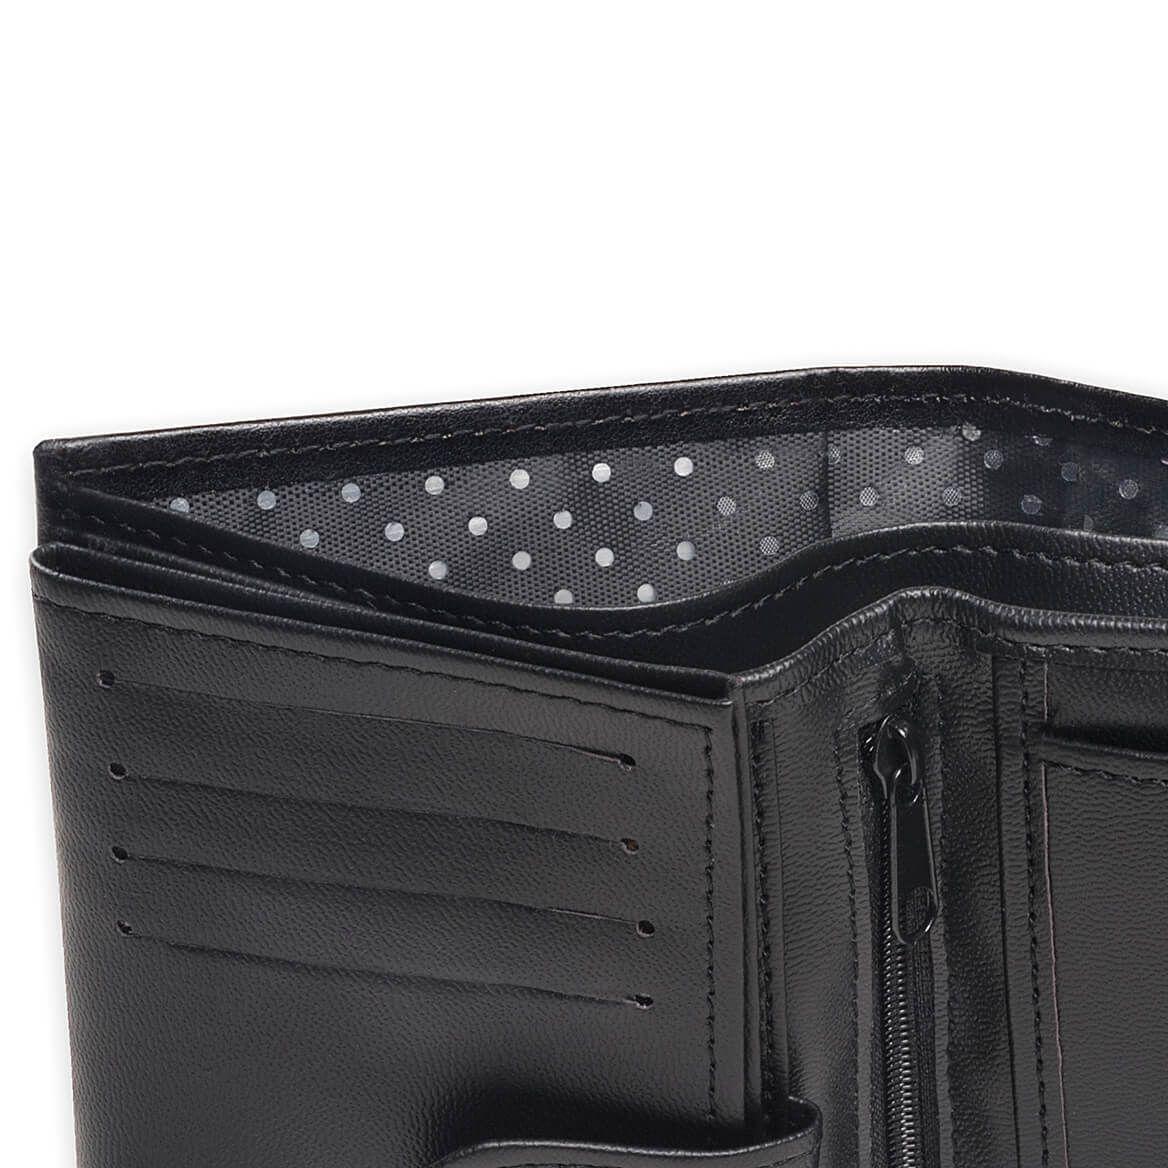 20 Pocket RFID Wallet-369792